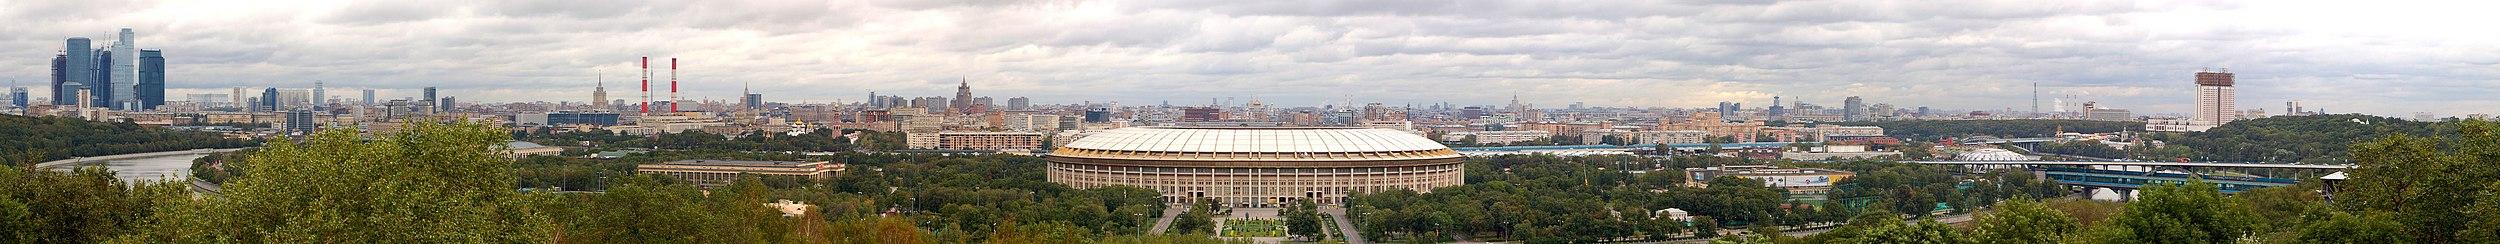 Panorama de Moscou vista da Colina dos Pardais (Vorobyovy Gory): Centro Internacional de Negócios, rio Moscou, Estádio Lujniki, Estação Vorobiovy Gory e a sede da Academia de Ciências da Rússia.